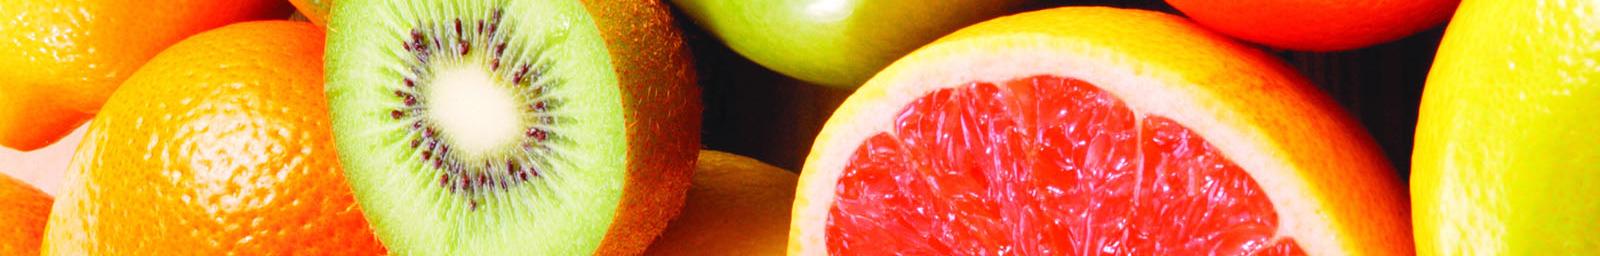 juicy fruit so delicious